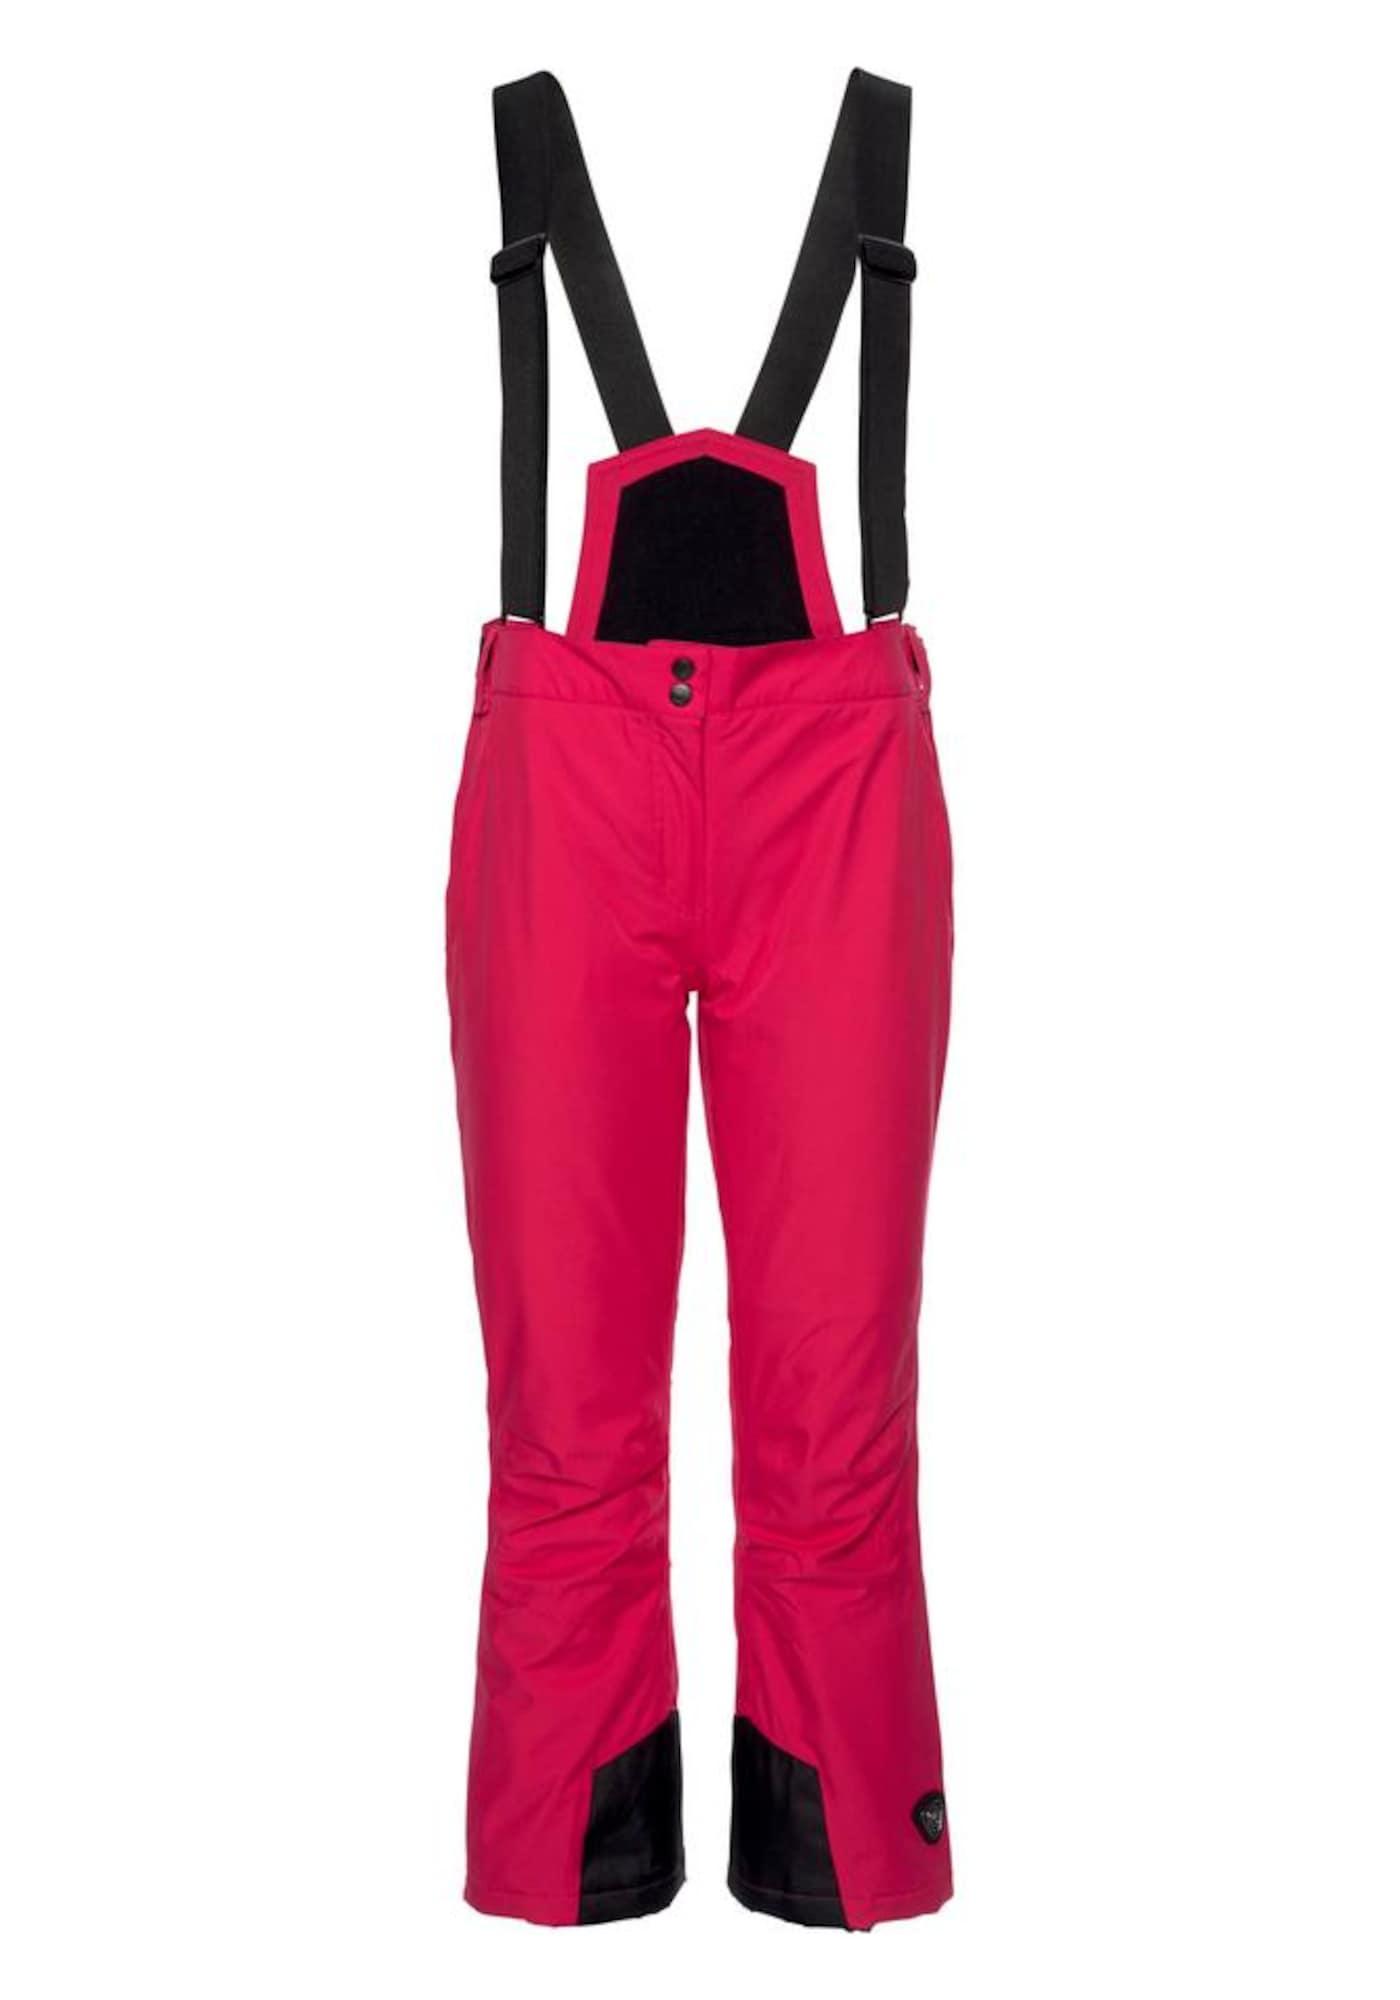 Skihose 'ERIELLE' | Sportbekleidung > Sporthosen > Skihosen | Pink - Schwarz | KILLTEC